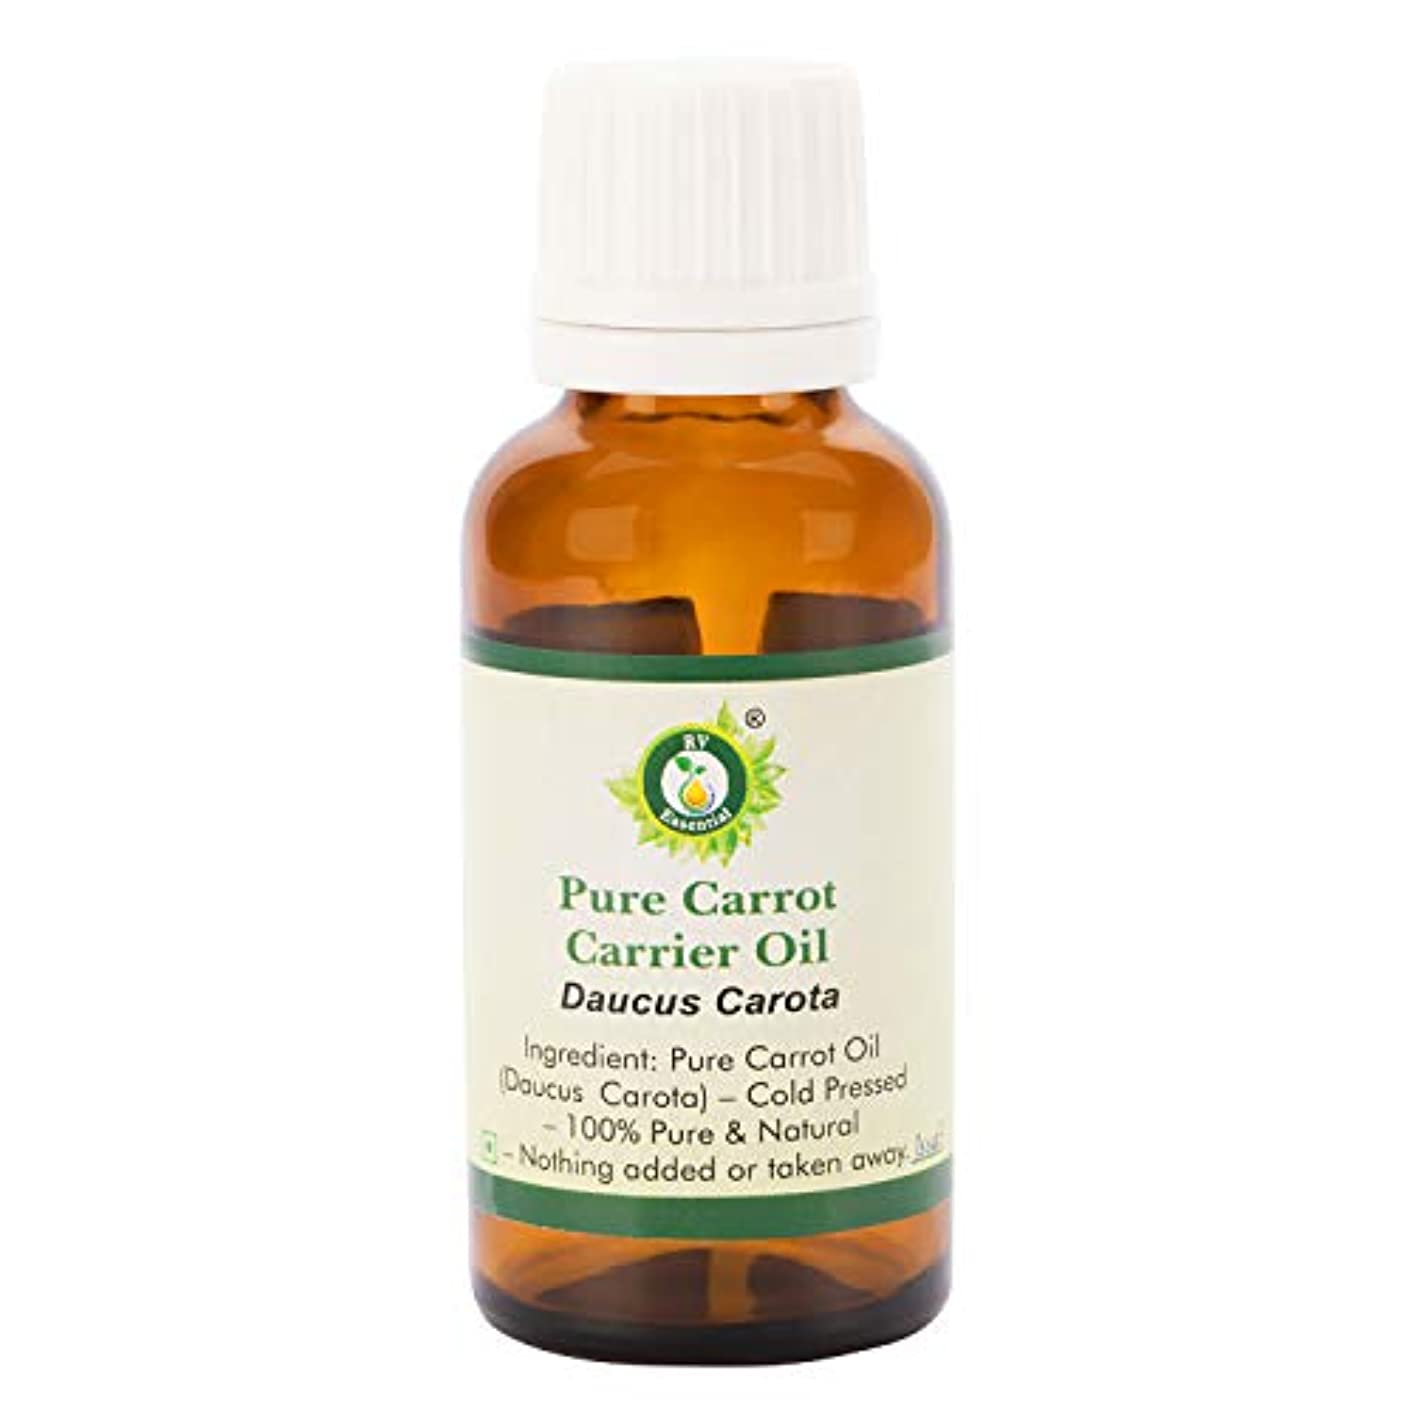 これらデンプシー心理的にピュアキャロットキャリアオイル100ml (3.38oz)- Daucus Carota (100%ピュア&ナチュラルコールドPressed) Pure Carrot Carrier Oil